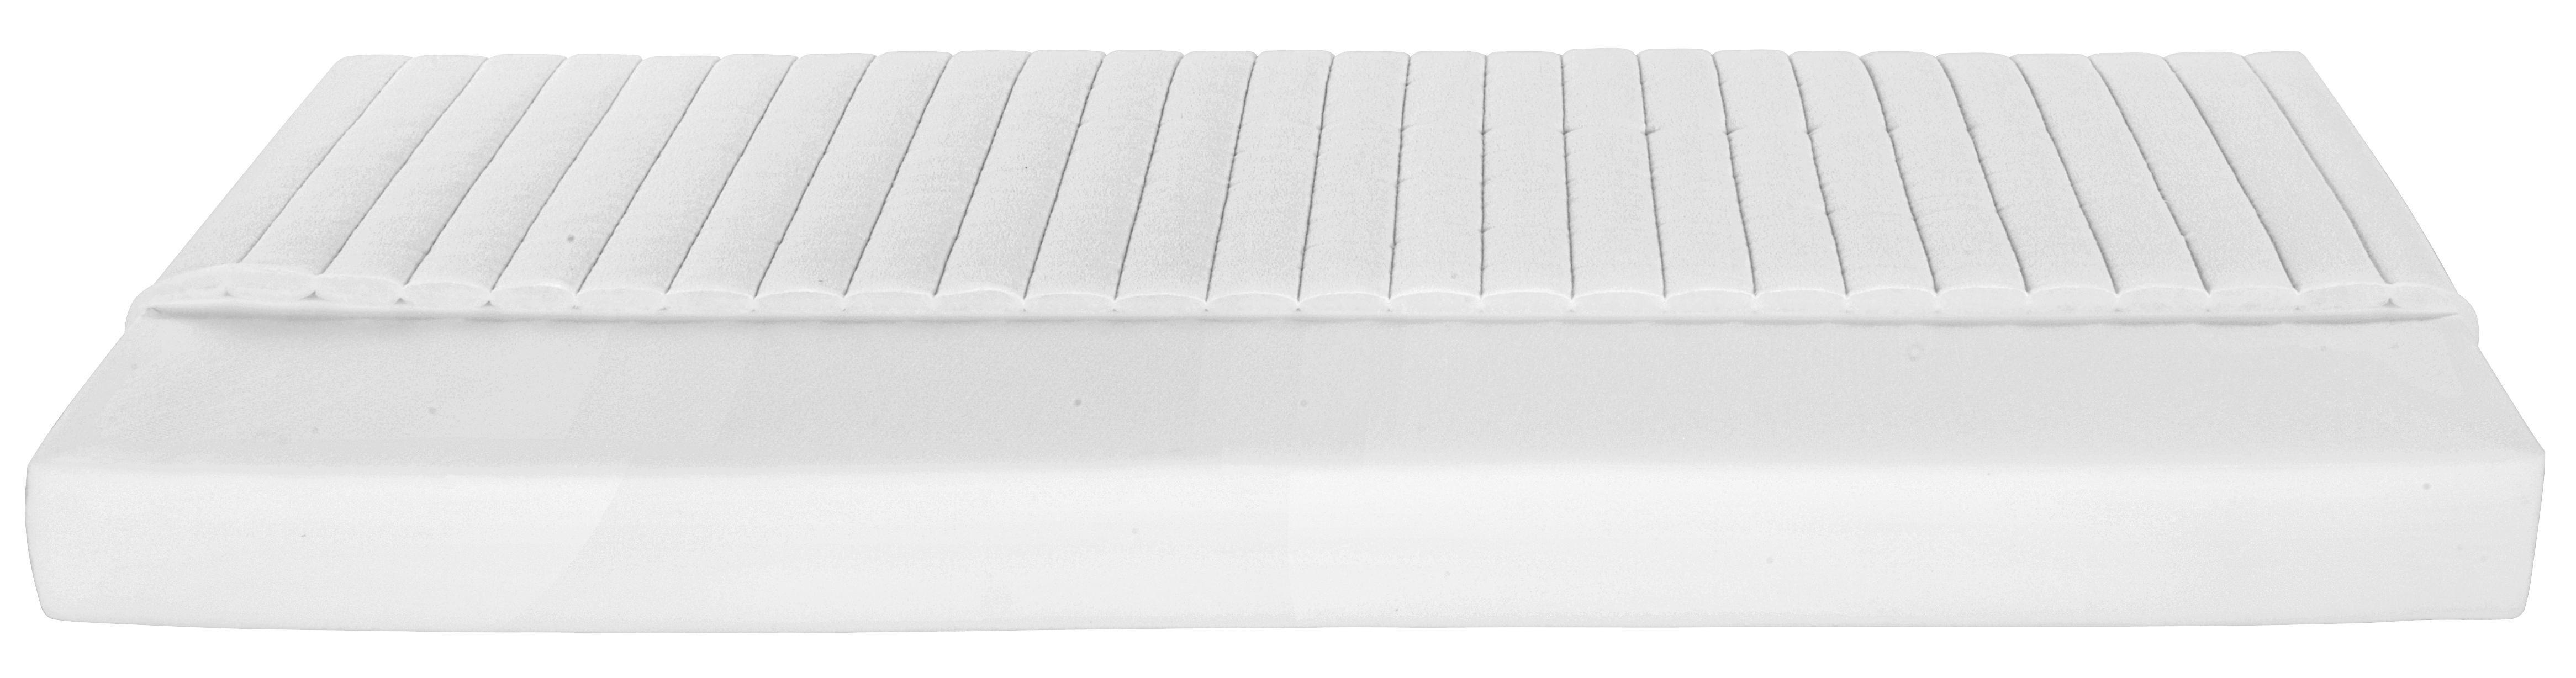 Matrac Allergiker Plus - fehér, textil (90/200cm) - PRIMATEX